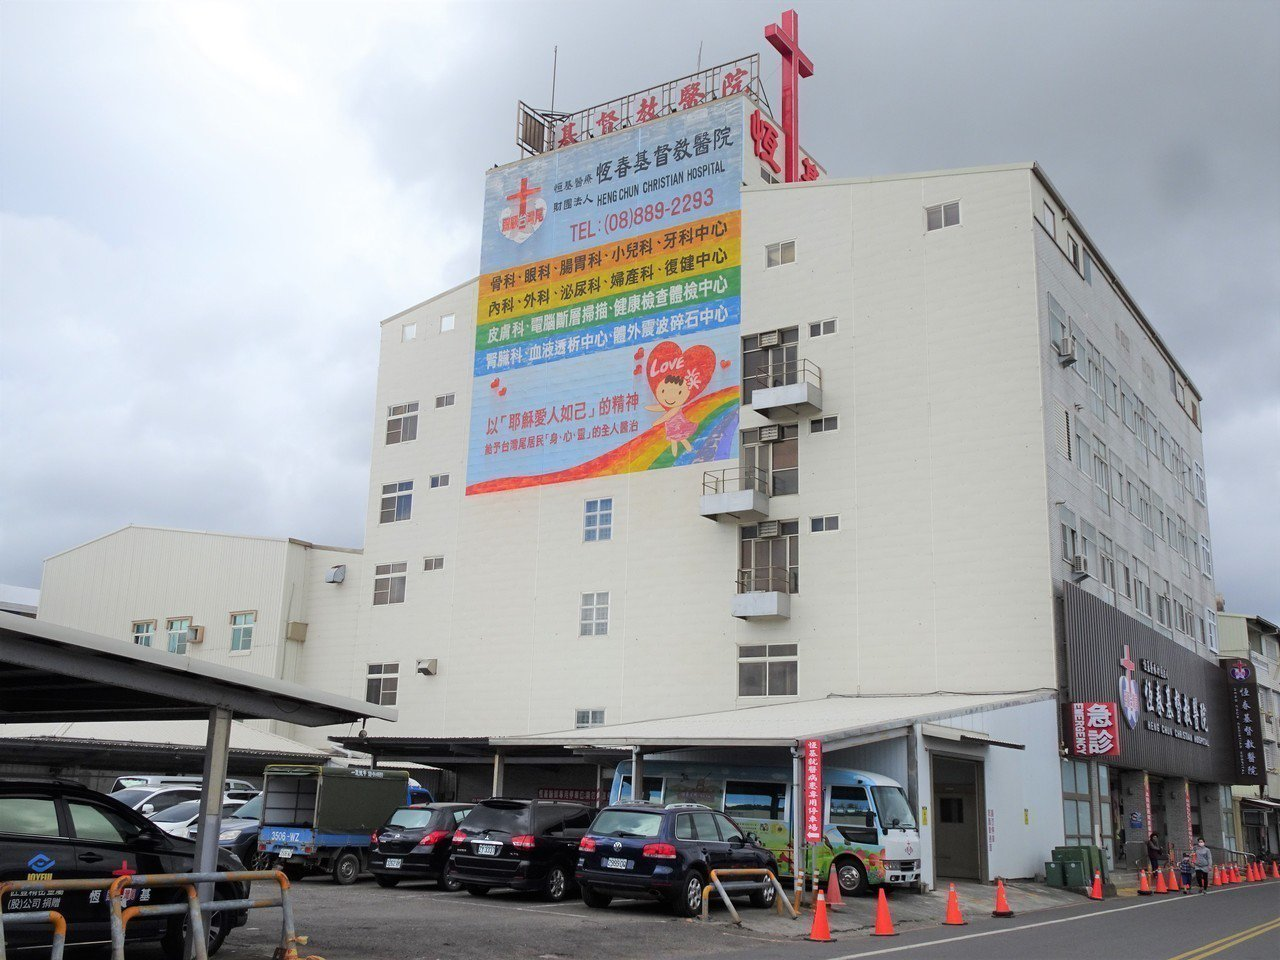 屏東恆春基督教醫院將斥資2億元在停車場新建「許燦淵紀念醫療大樓」,舊院區計畫增設...